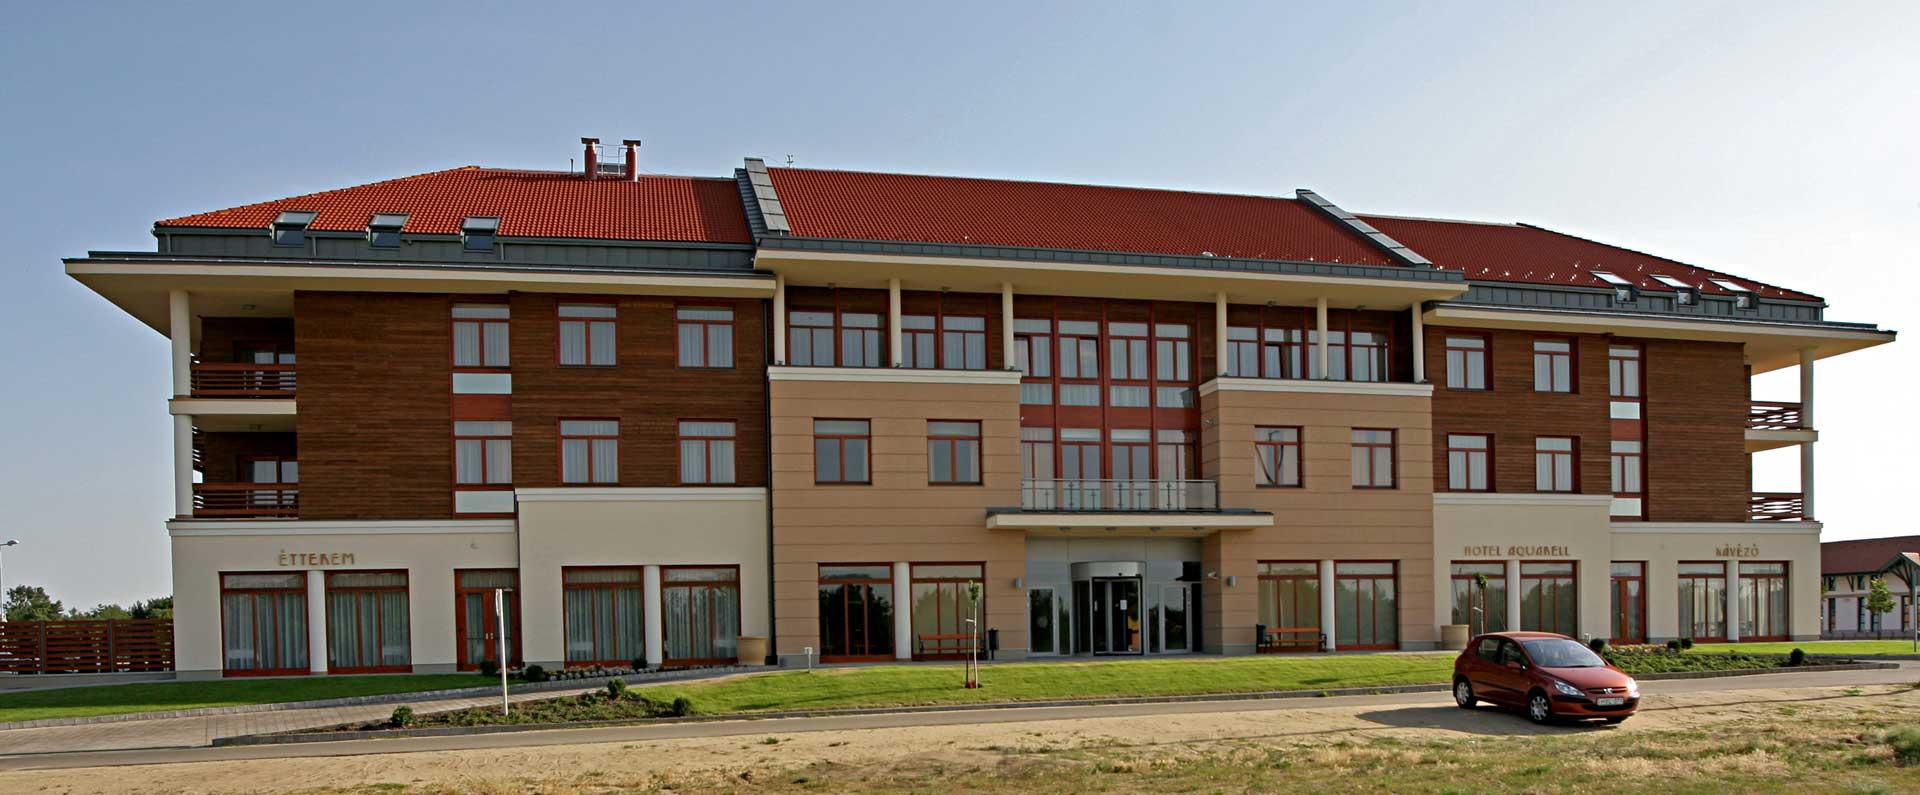 Hotel, szálloda tervezése